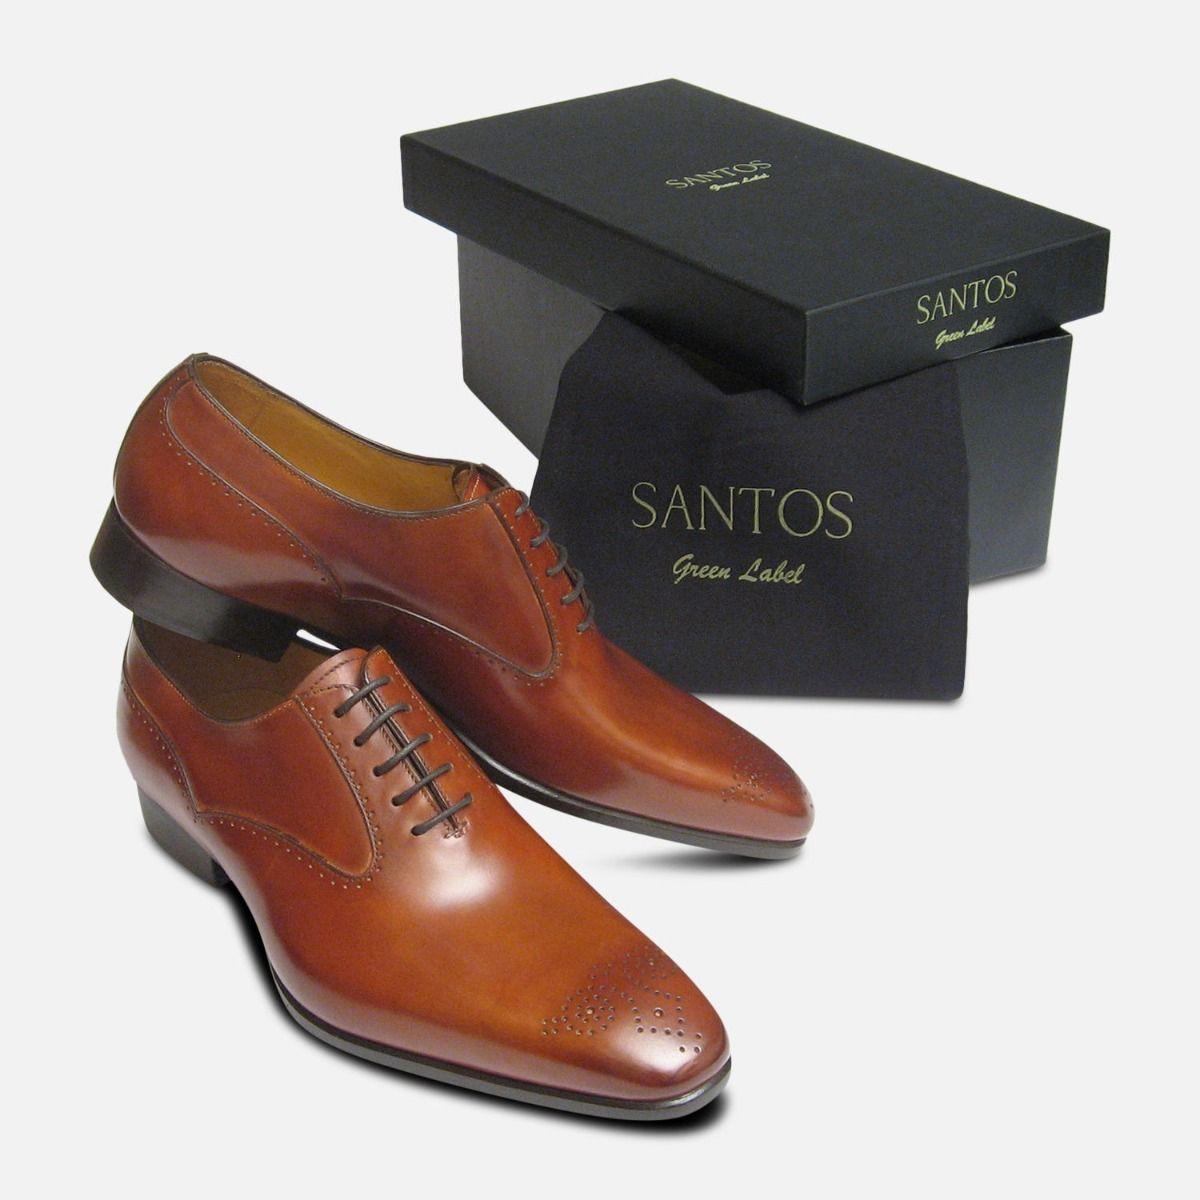 Santiago Carlos Santos Mens Shoes in Antique Tan